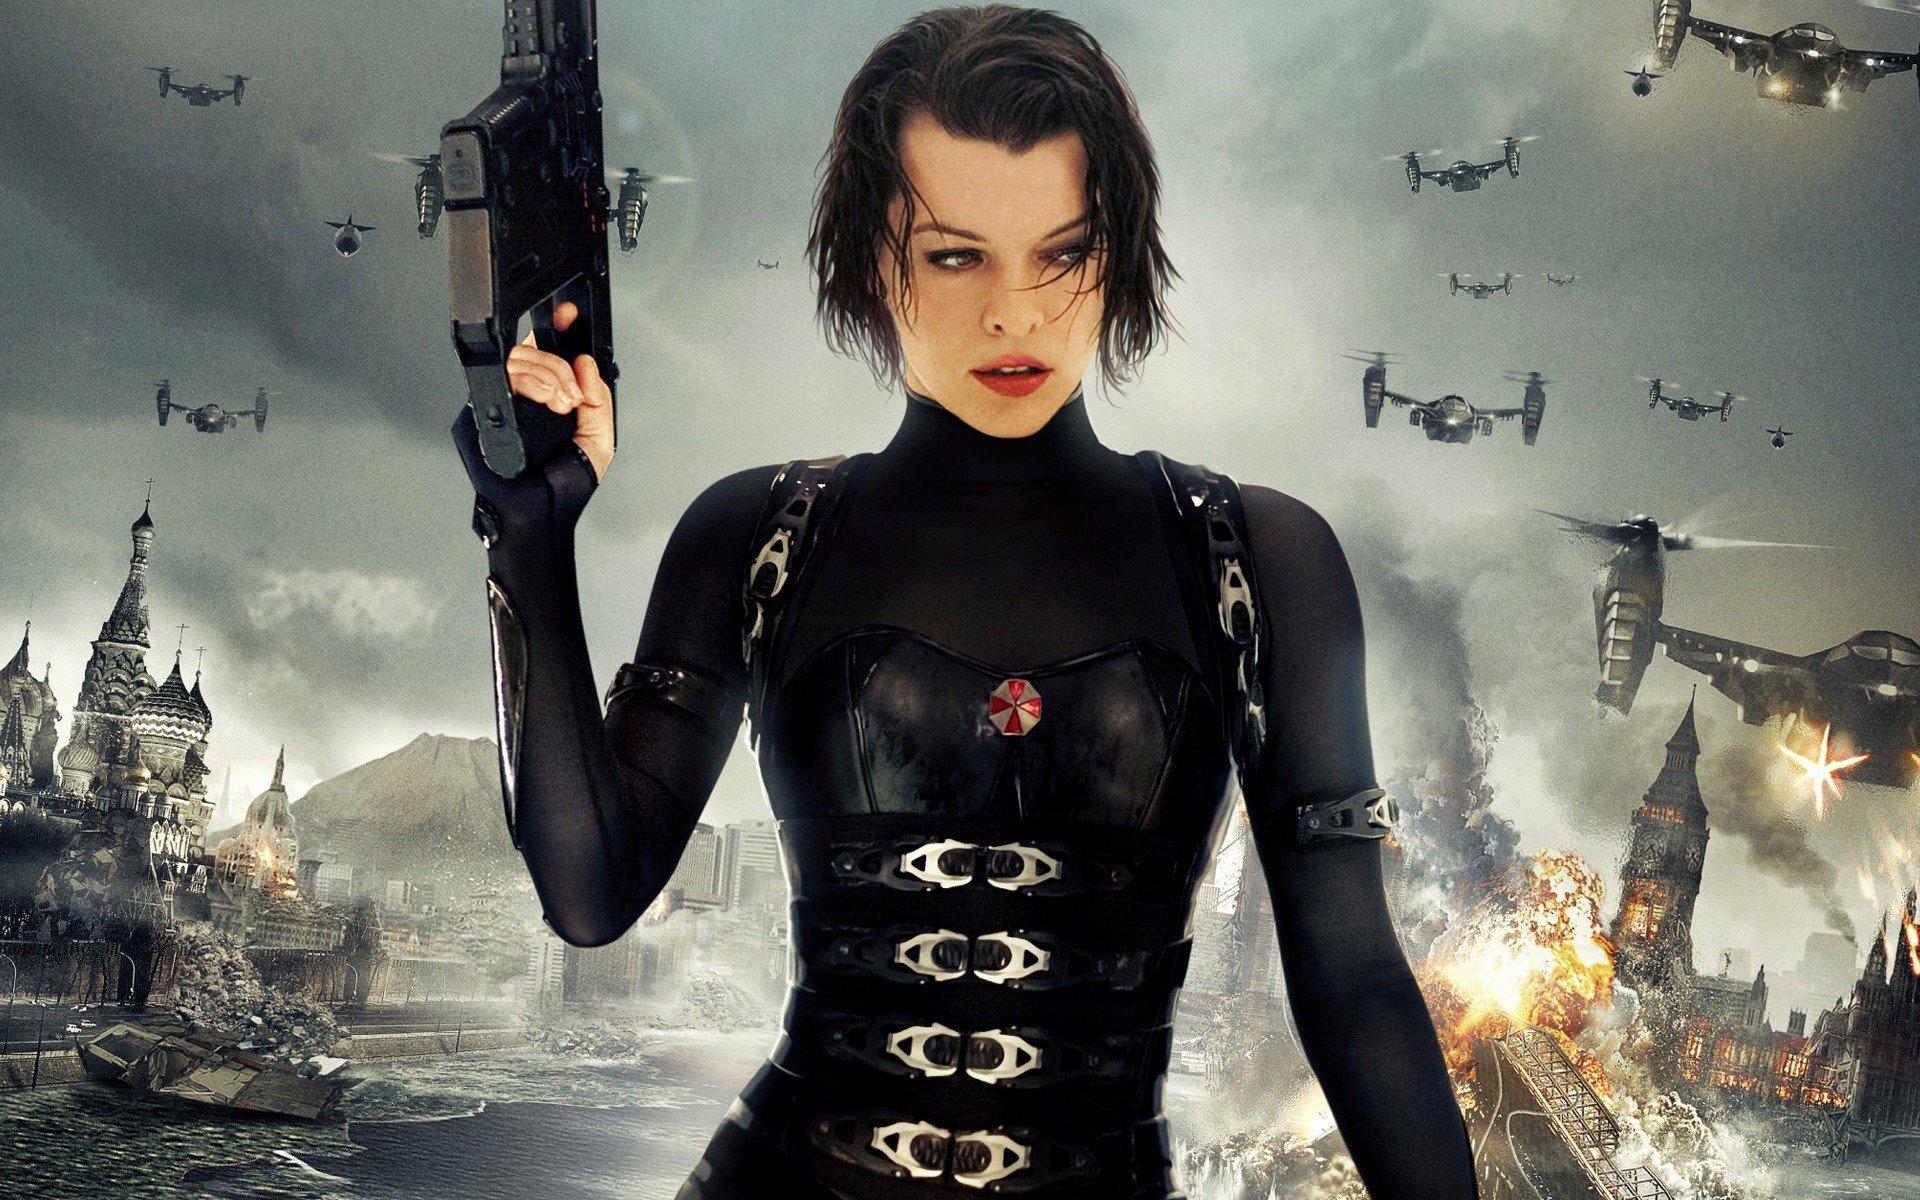 JFZ:873 - Milla Jovovich Resident Evil Wallpaper, Milla Jovovich